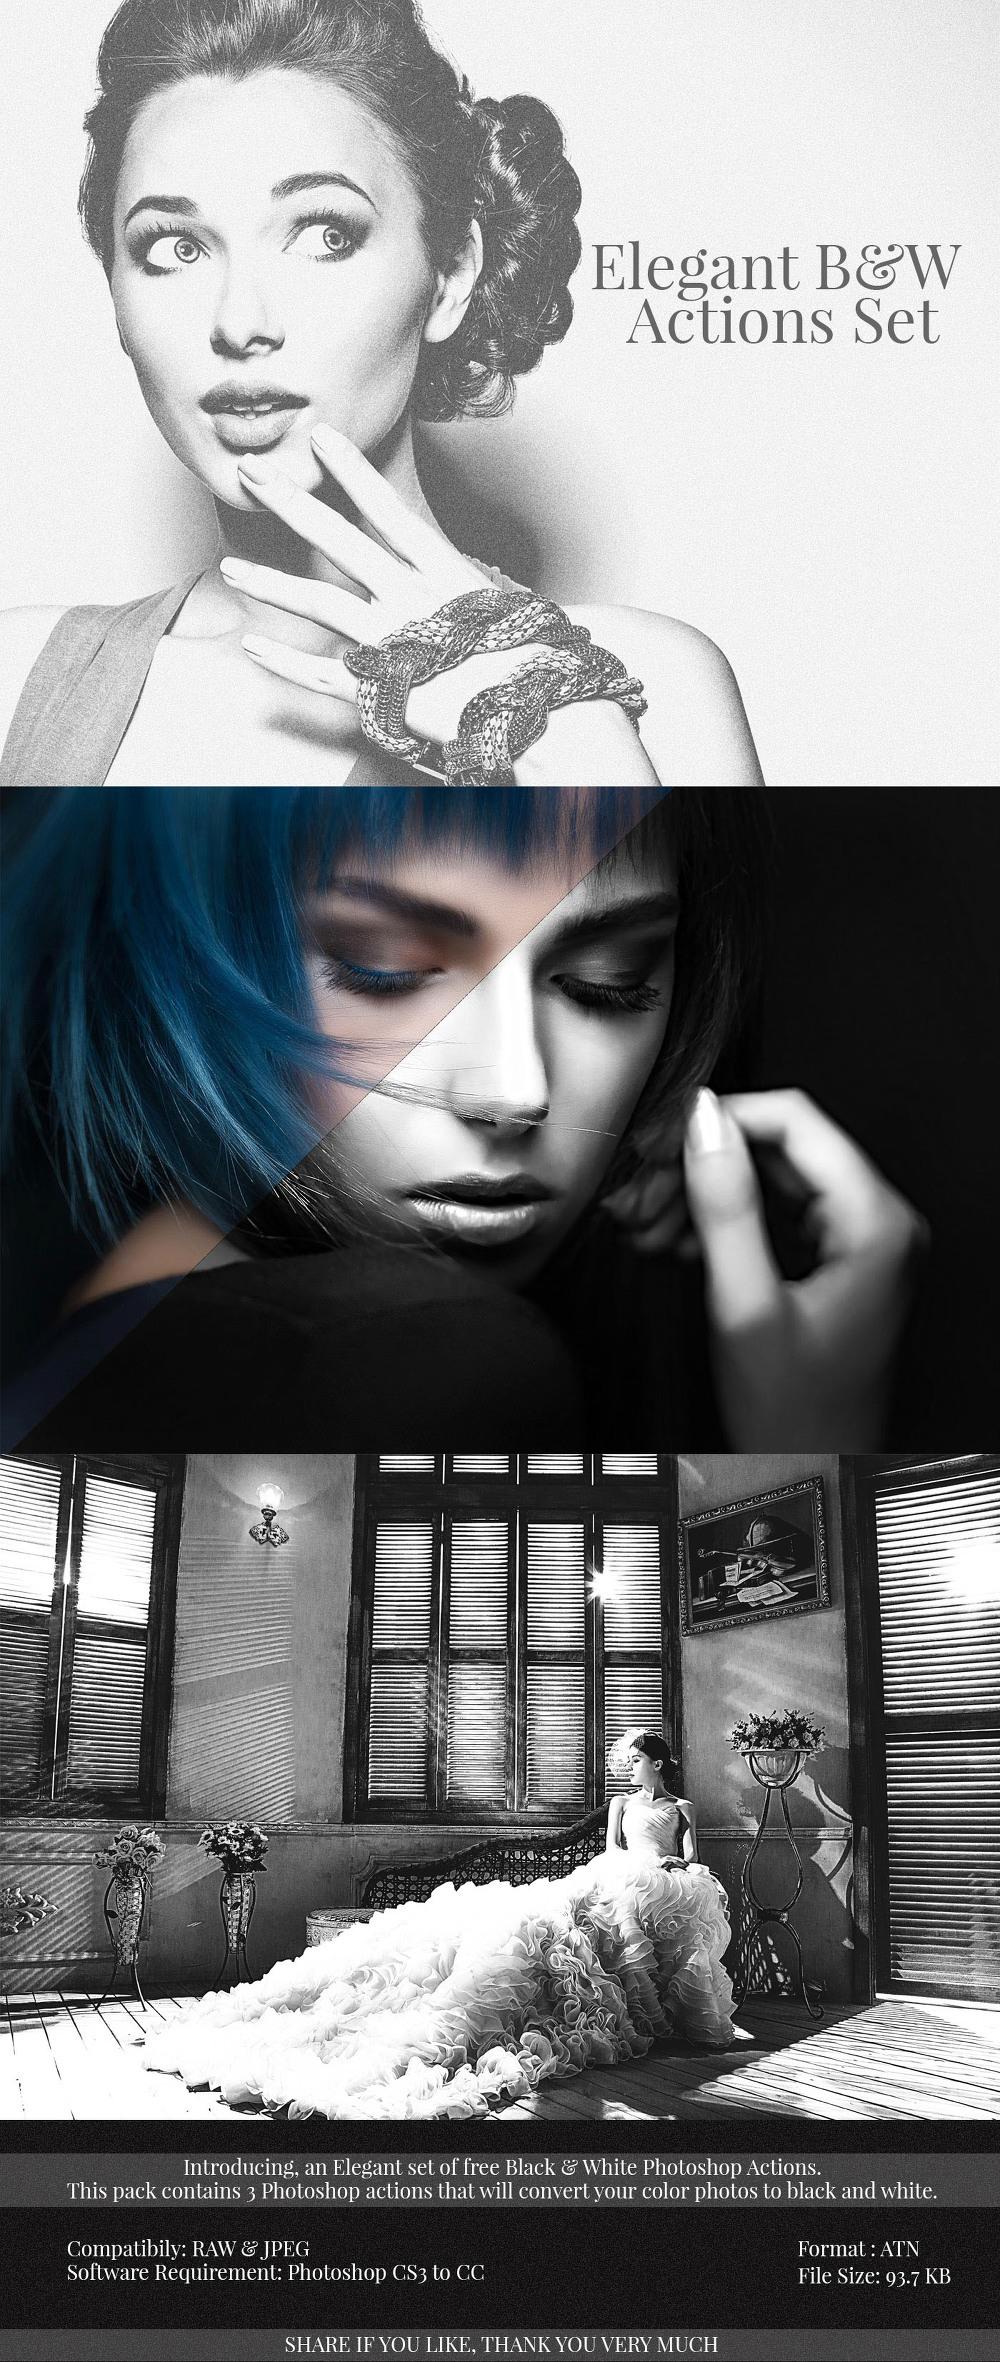 우아한 느낌의 3 가지 무료 포토샵 흑백 액션 - 3 Free Photoshop Elegant B&W Actions